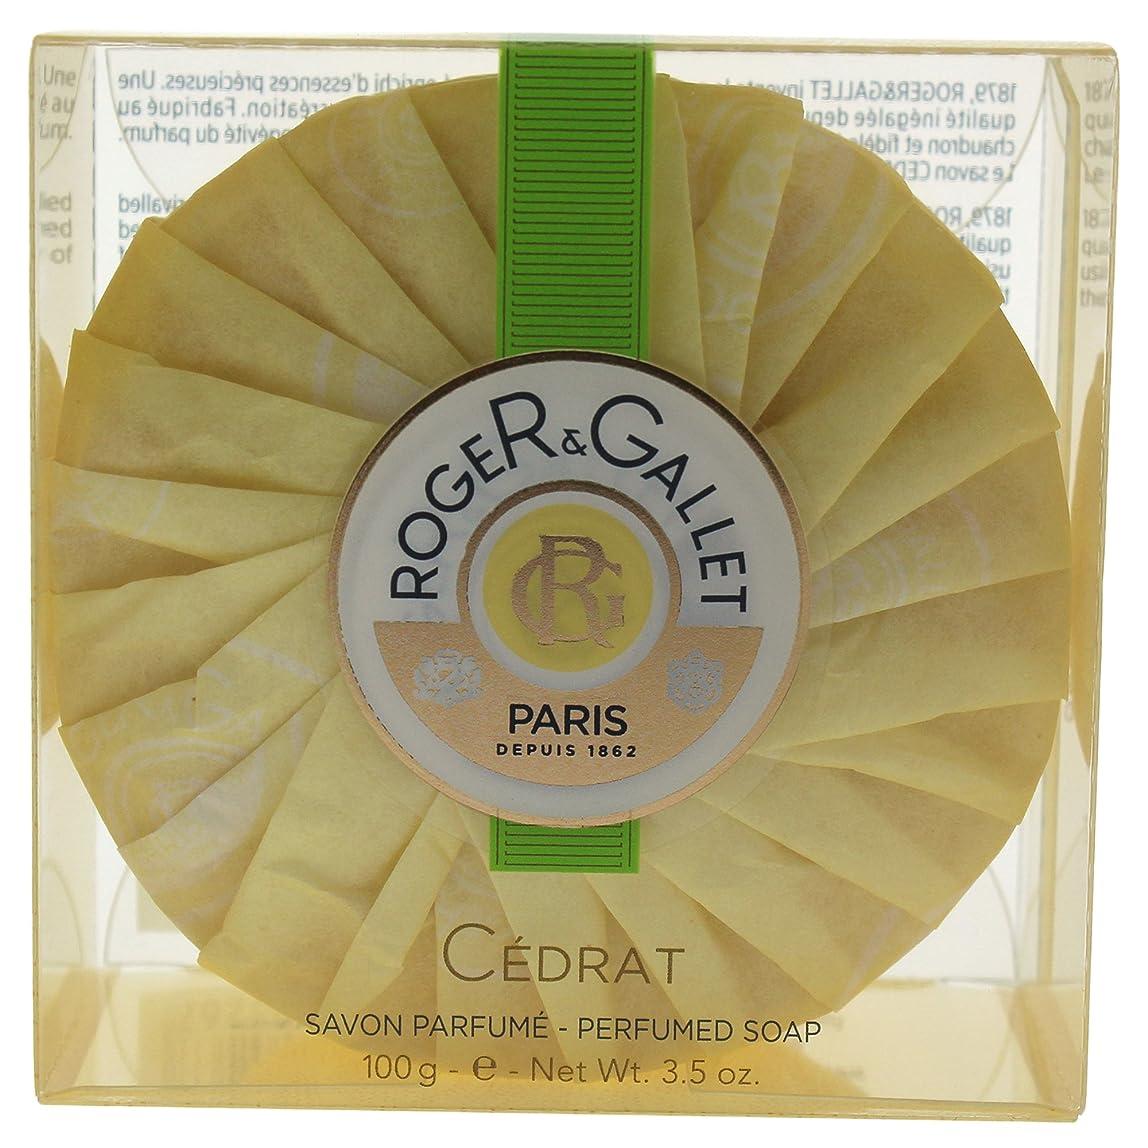 やむを得ないデコラティブゴールデンロジェガレ セドラ パフュームド ソープ 100g 並行輸入品